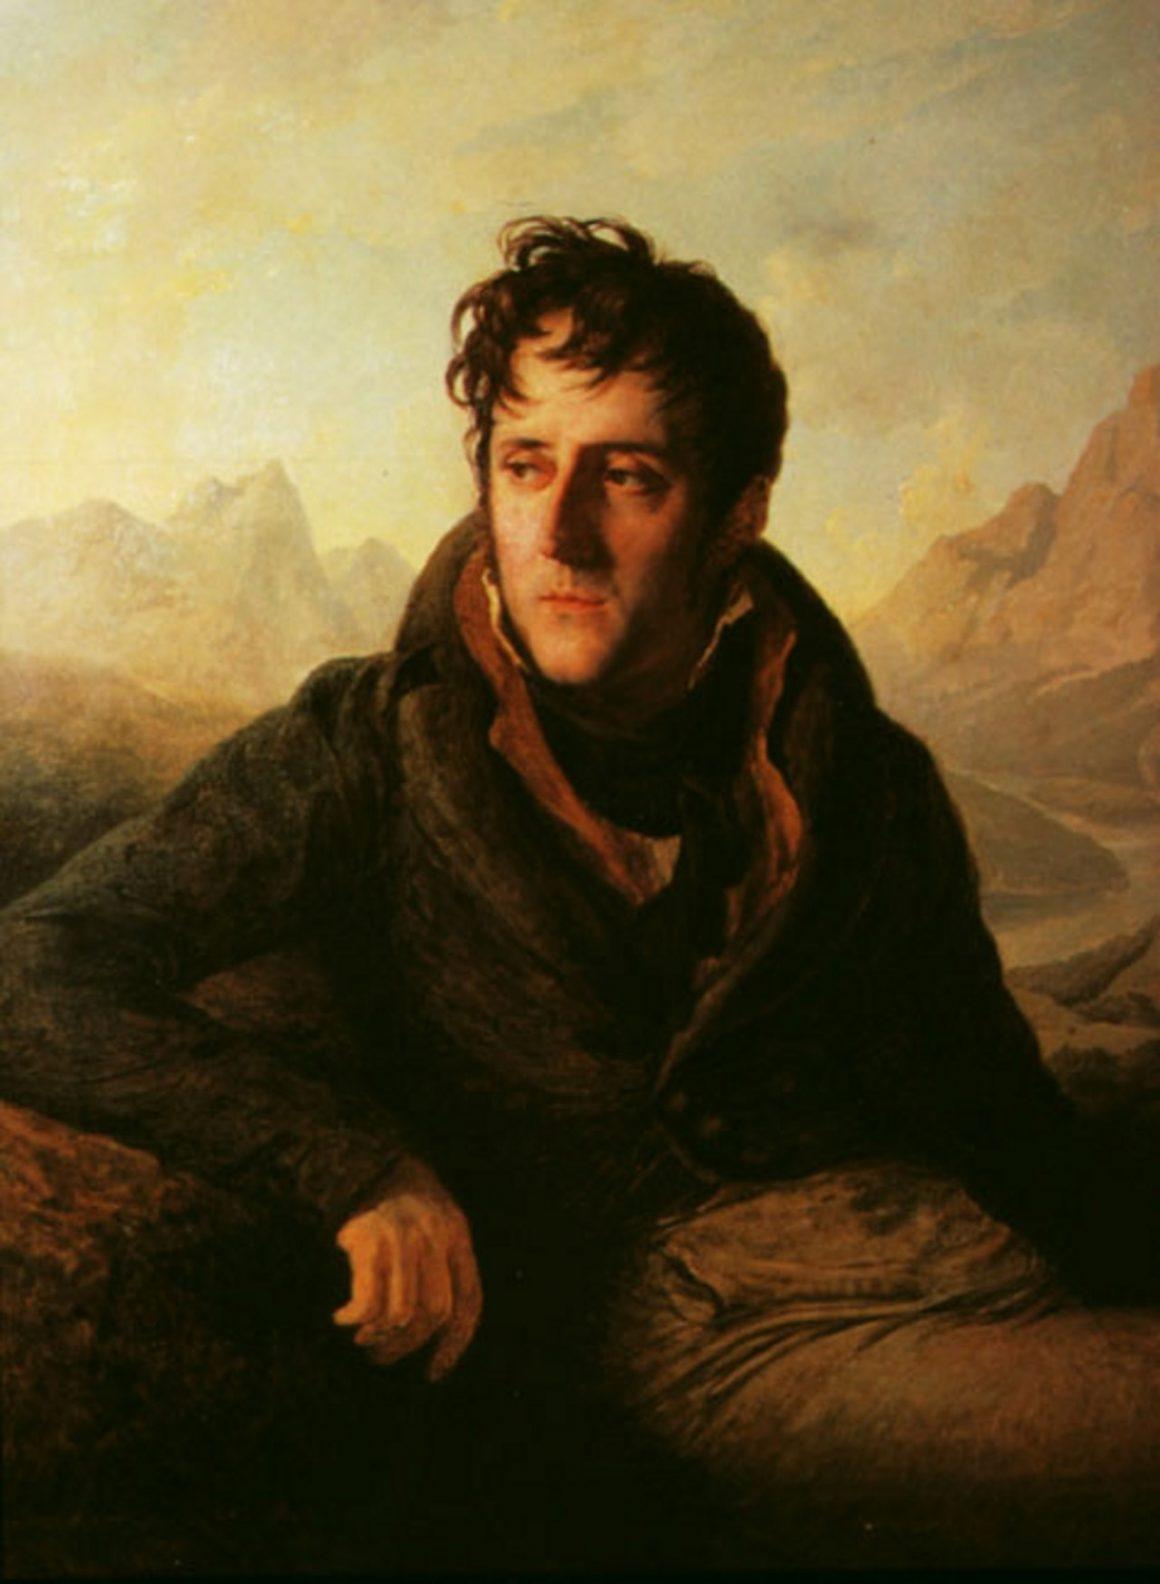 François-René, vicomte de Chateaubriand, histoire et biographie de Chauteaubriand